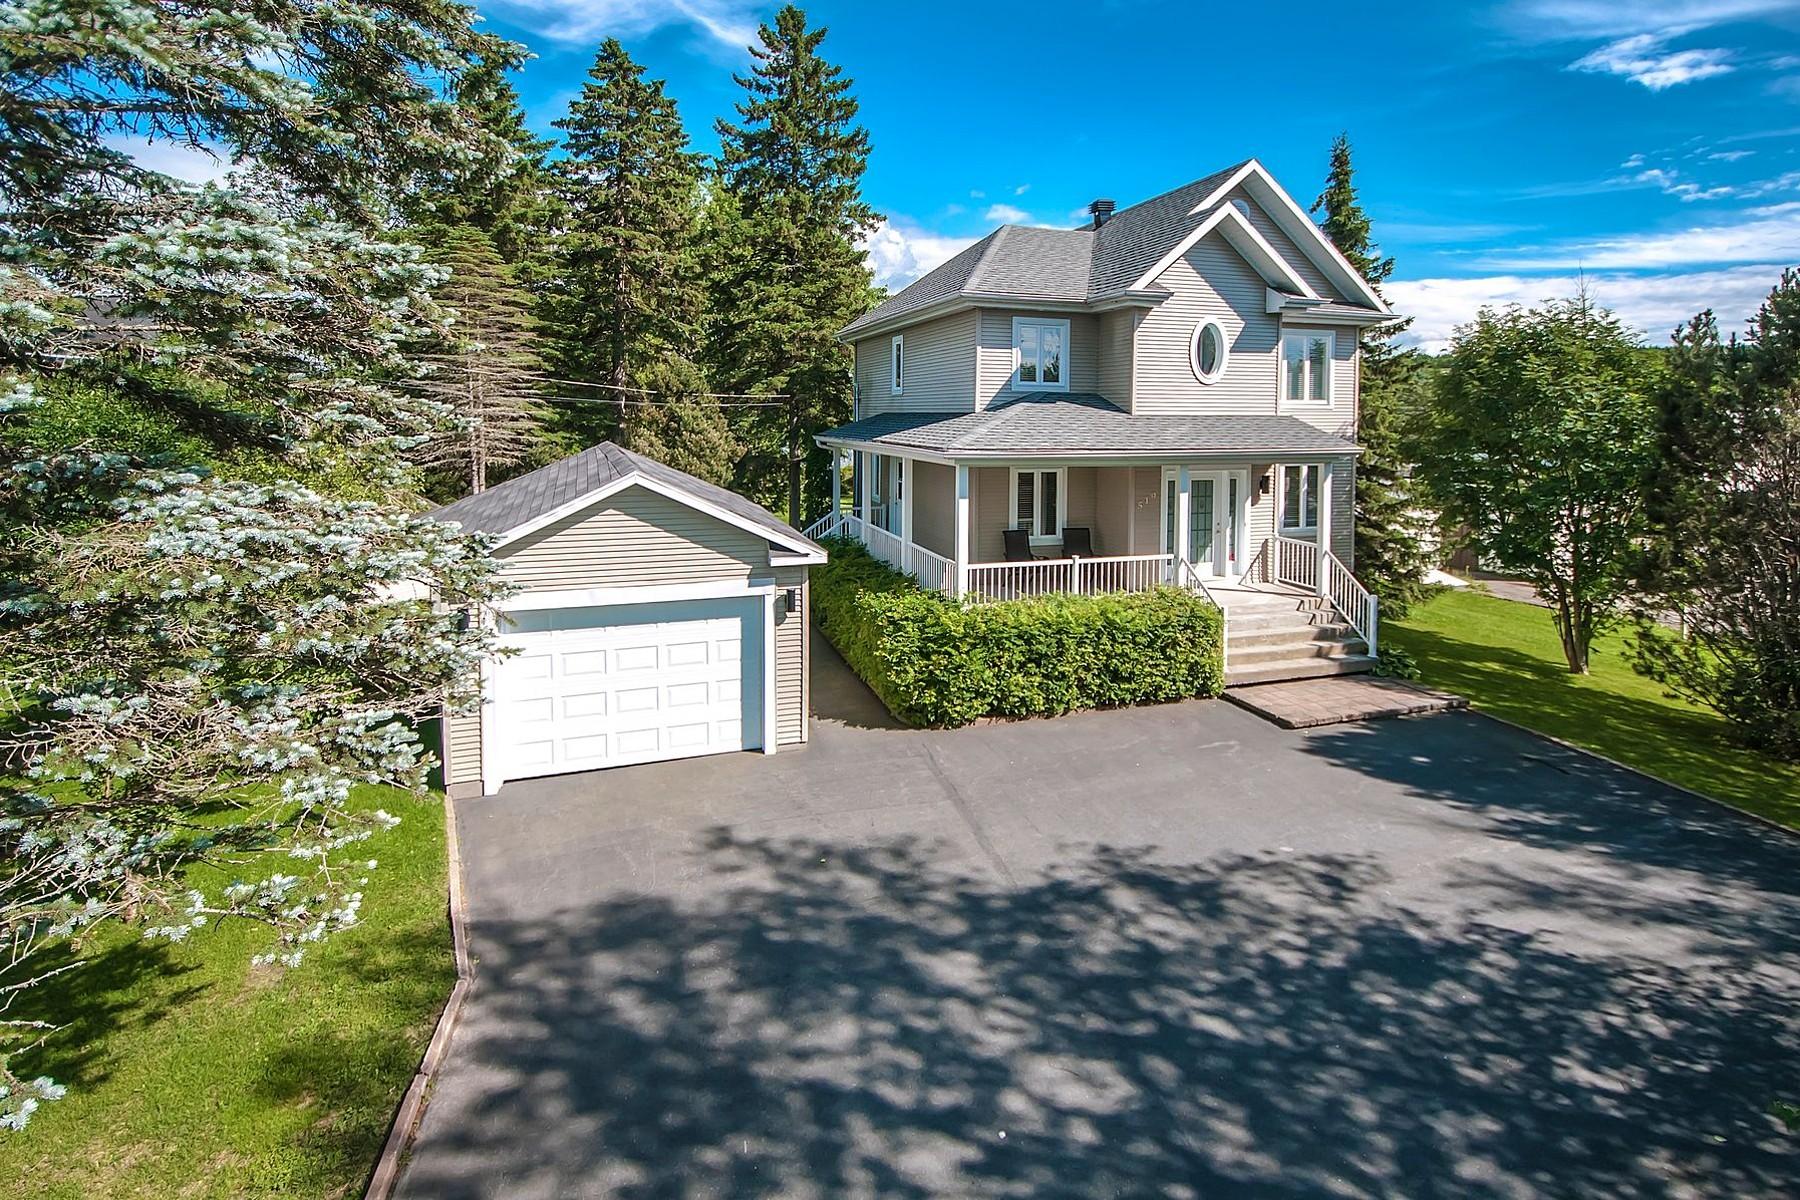 Maison unifamiliale pour l à vendre à Lac-Etchemin, Chaudière-Appalaches 519 Route du Sanctuaire, Lac-Etchemin, Québec, G0R1S0 Canada